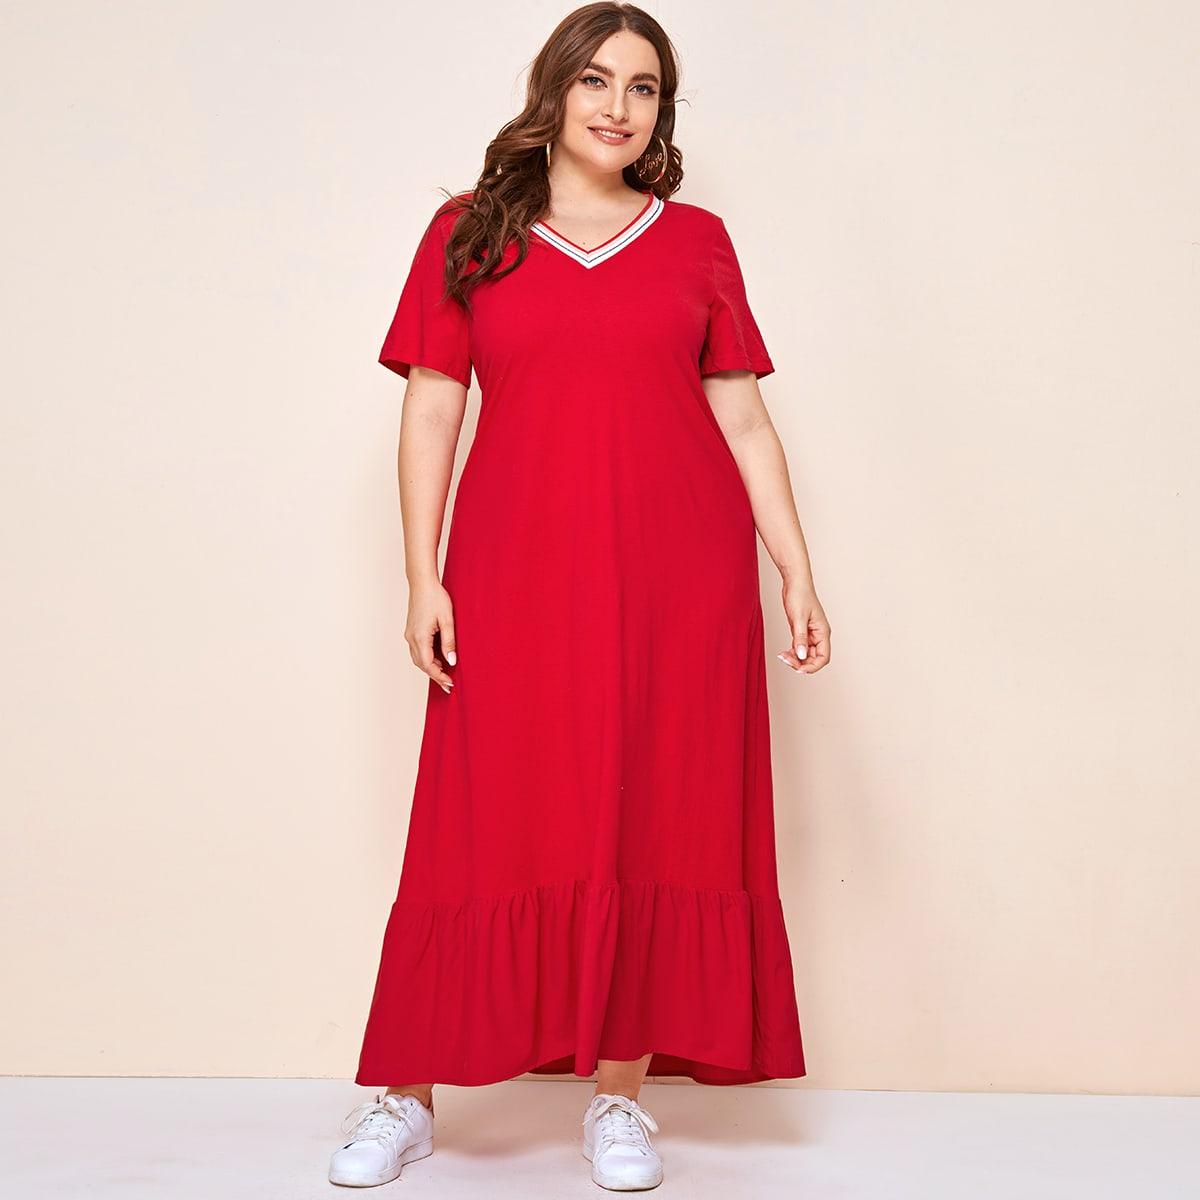 SHEIN / Rot Rüschensaum Gestreift Lässig Kleider Große Größen